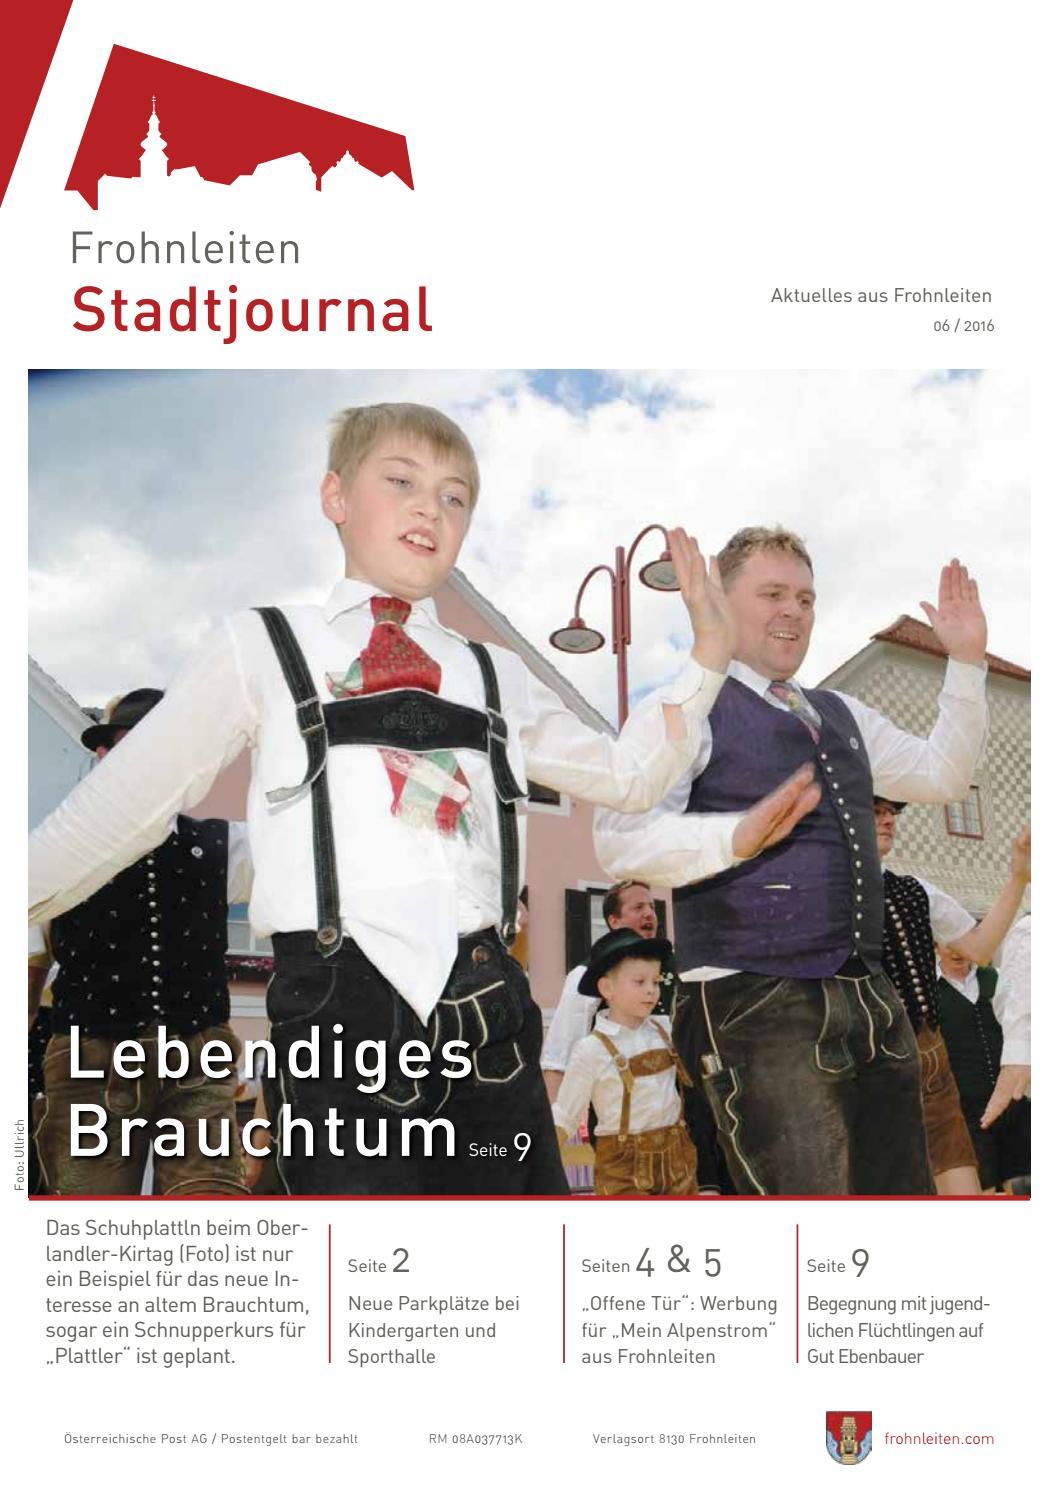 frohnleiten in Steiermark - Thema auf standardized-testing.com